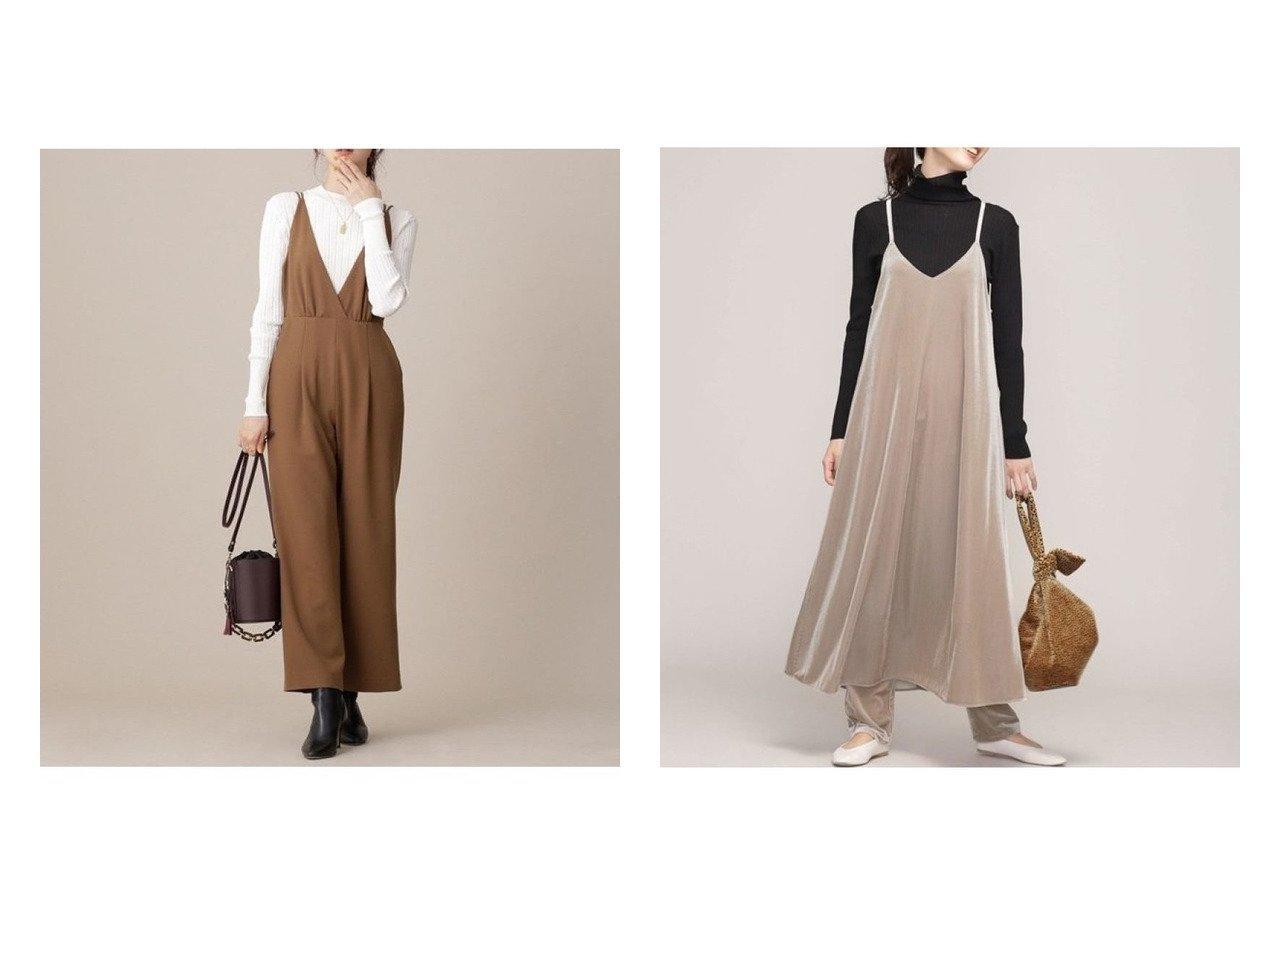 【nano universe/ナノ ユニバース】のキャミロンパース&シアベロアキャミソールワンピース ワンピース・ドレスのおすすめ!人気、レディースファッションの通販 おすすめで人気のファッション通販商品 インテリア・家具・キッズファッション・メンズファッション・レディースファッション・服の通販 founy(ファニー) https://founy.com/ ファッション Fashion レディース WOMEN ワンピース Dress トップス Tops Tshirt キャミソール / ノースリーブ No Sleeves ベロア Velour タートルネック ポケット ロング インナー ウォッシャブル カットソー キャミワンピース シャイニー セットアップ トレンド フレア リボン 秋冬 A/W Autumn/ Winter  ID:crp329100000002959